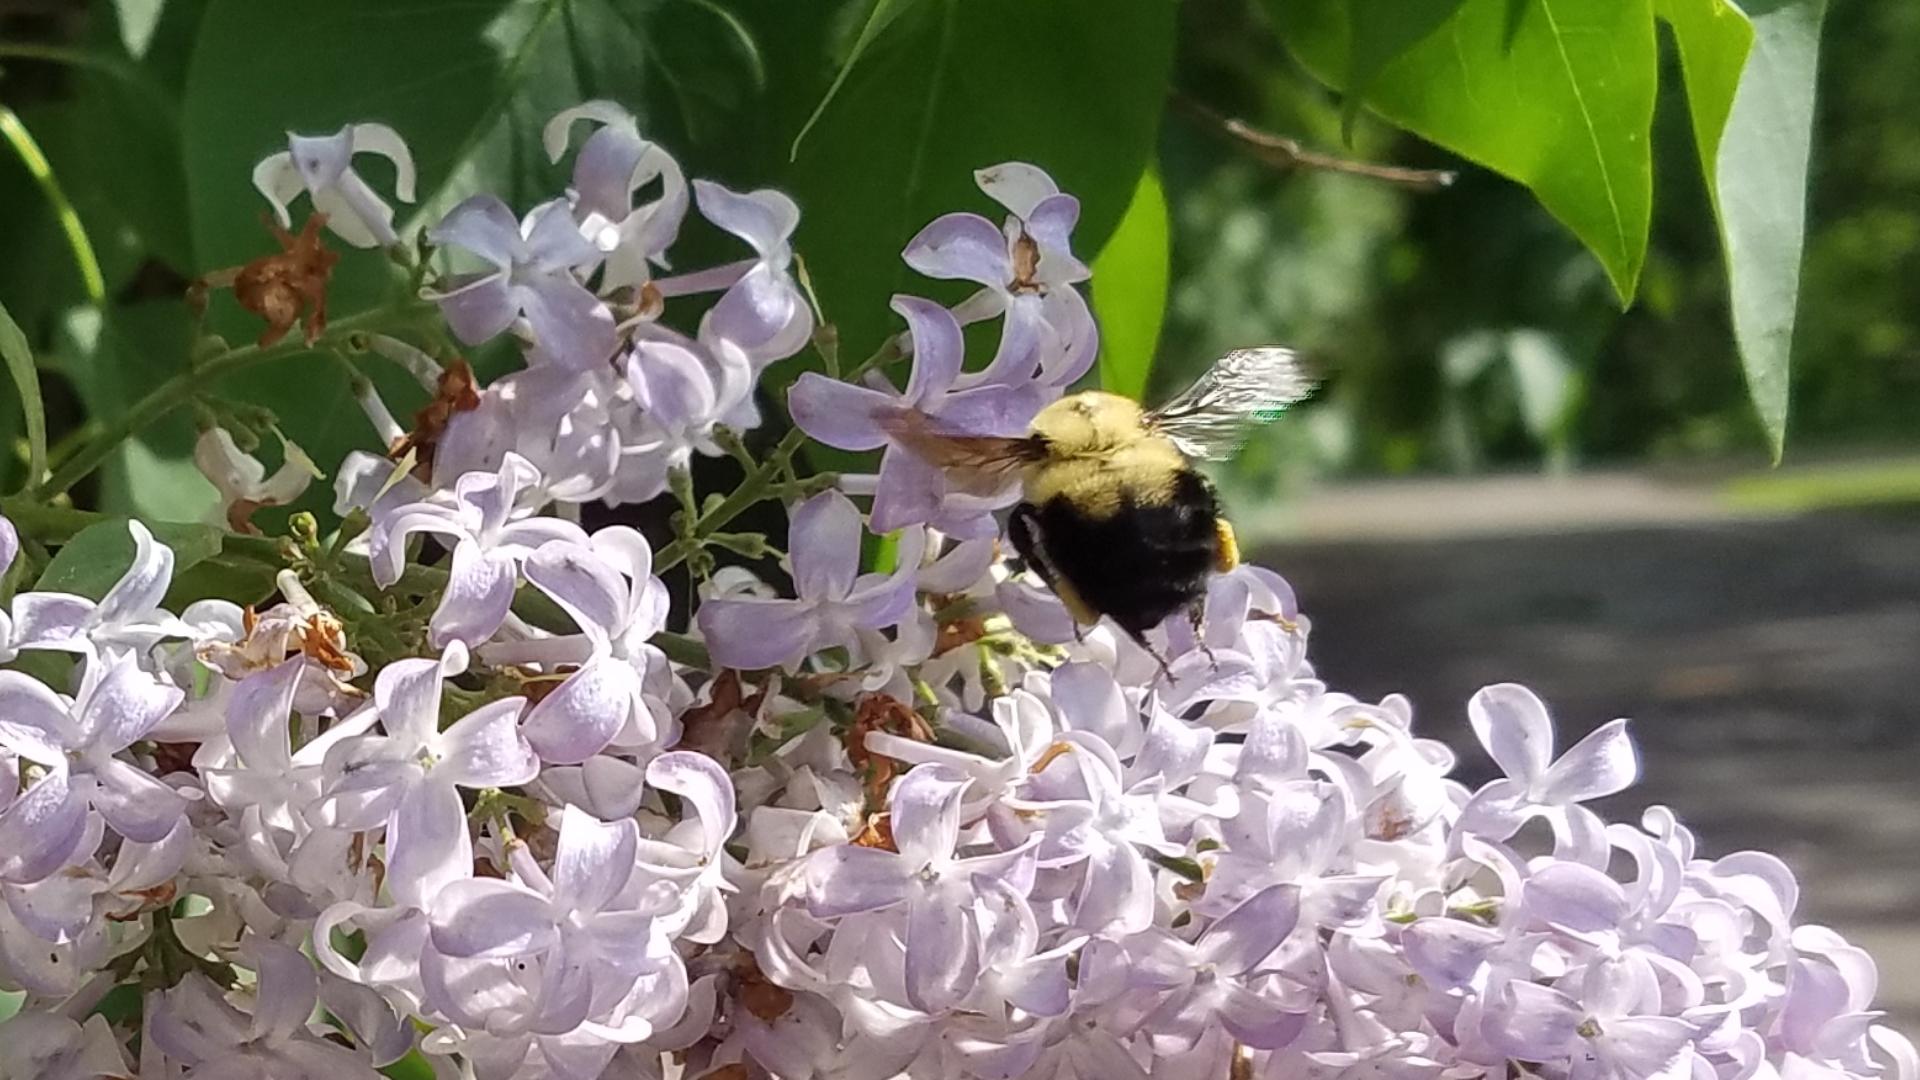 humble bumblebee